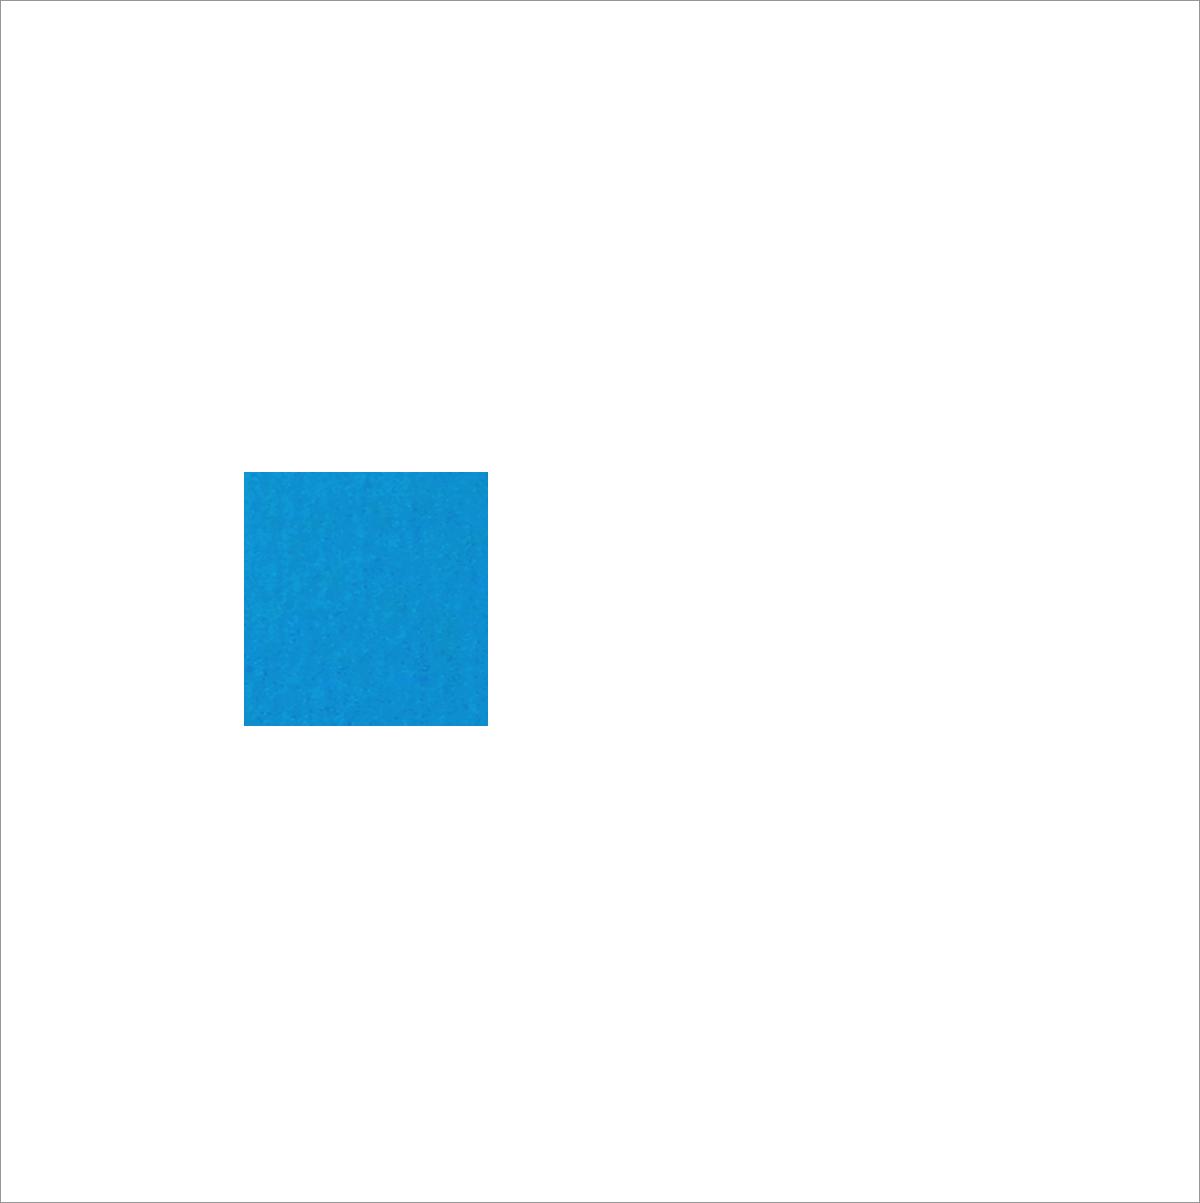 Peinture Minimal Space – Diptyque 15x15 / Peinture acrylique sur toile, non vernis